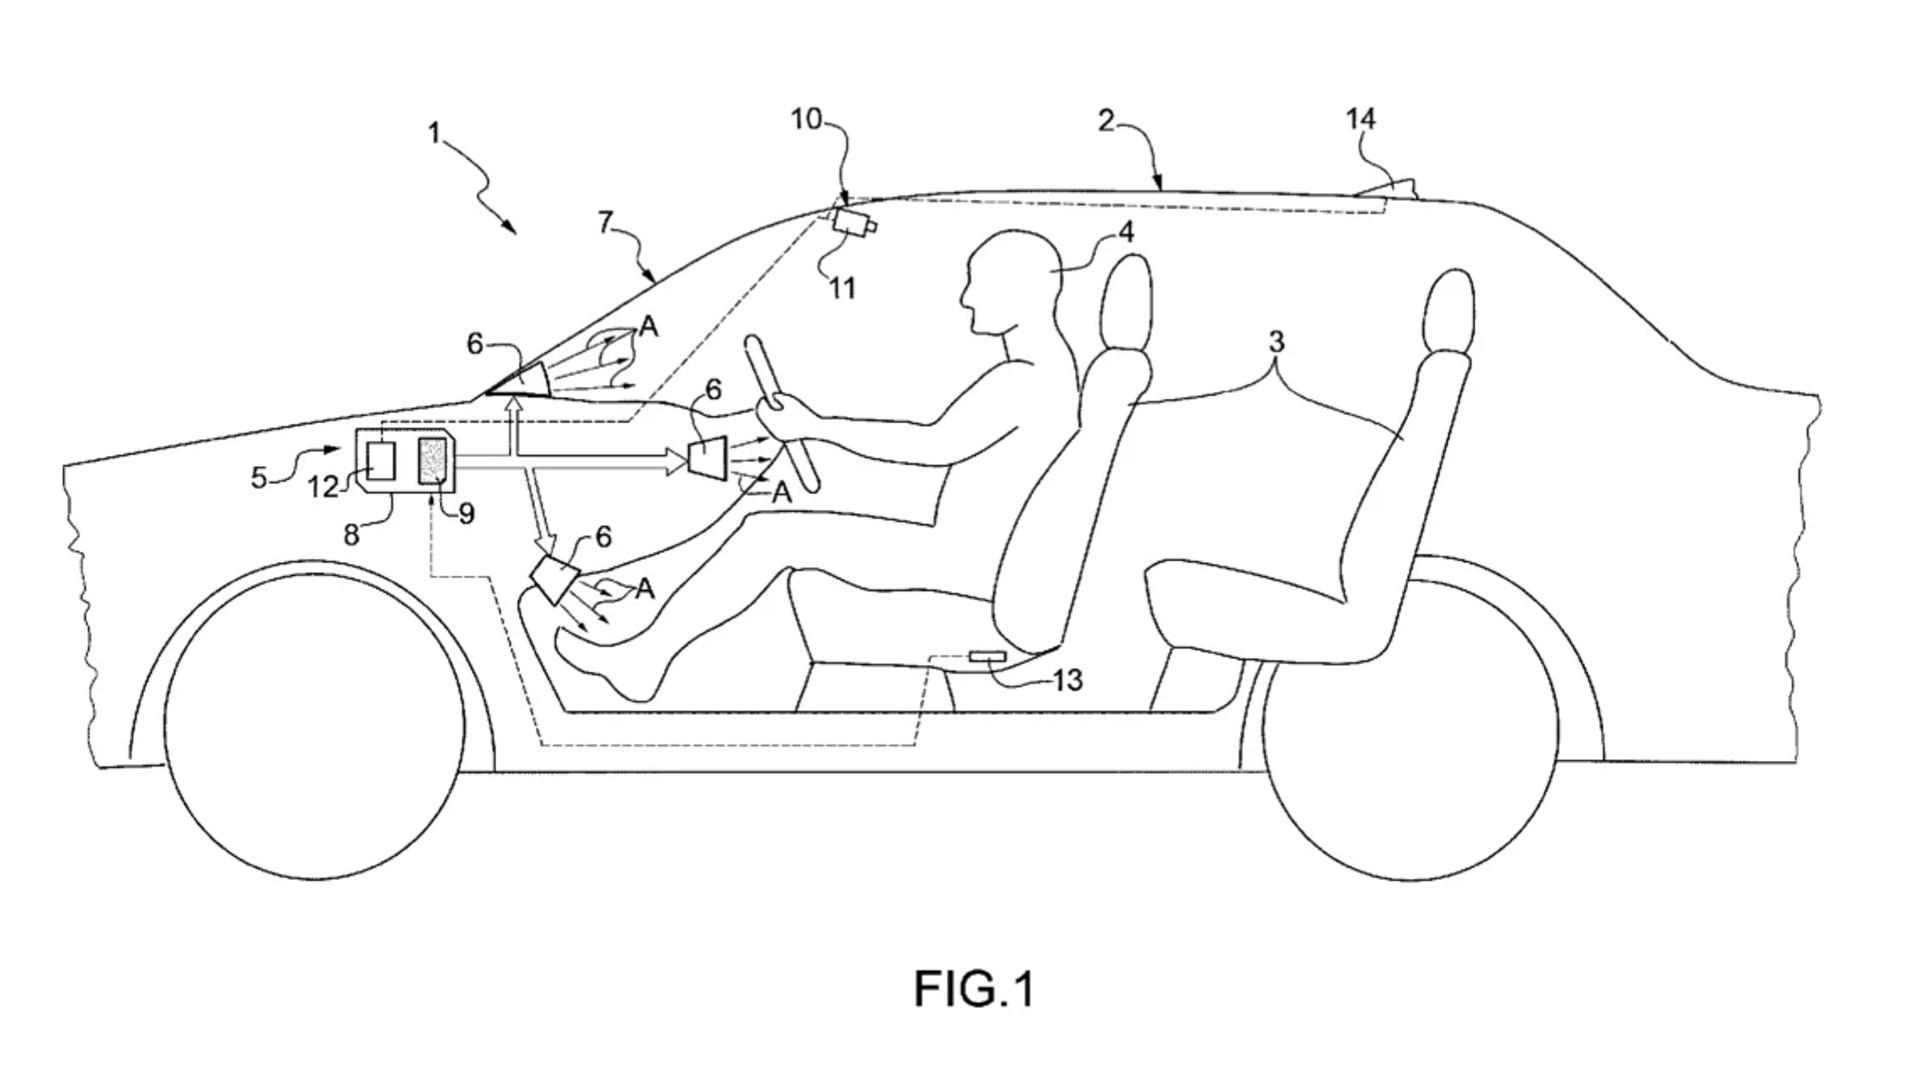 سجلت فيراري براءة اختراع لنظم مكيف جديد، والذي سيضيف المزيد من الراحة للركاب في حال نفذت الشركة في سياراتها المستقبلية.